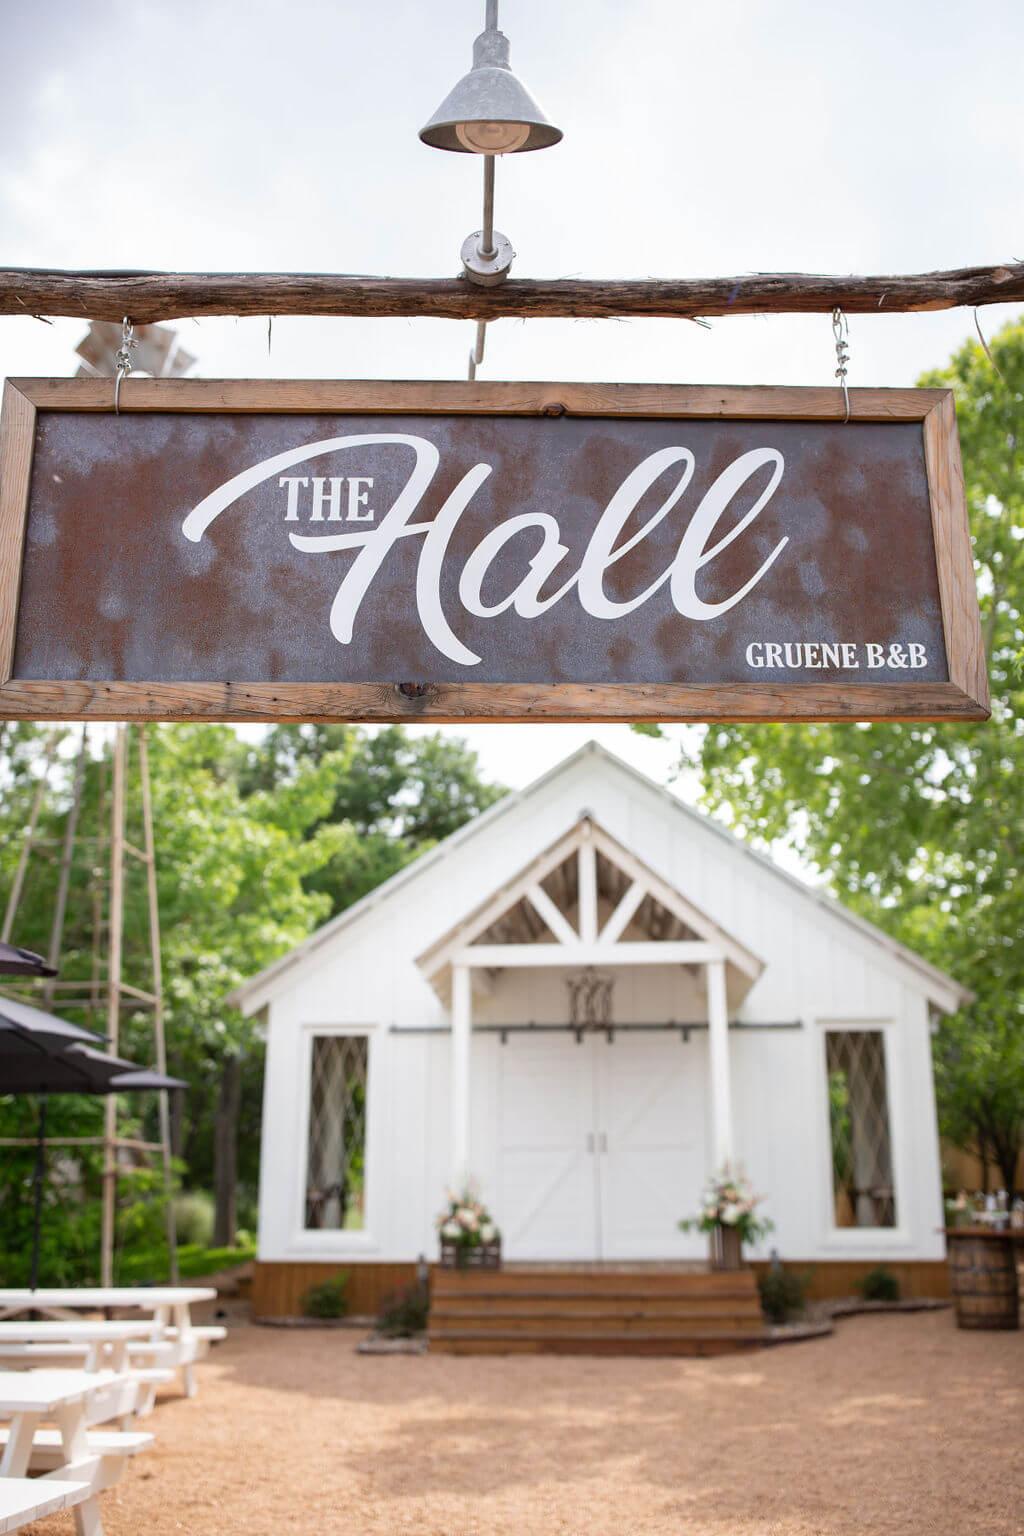 The-Hall-3.jpg